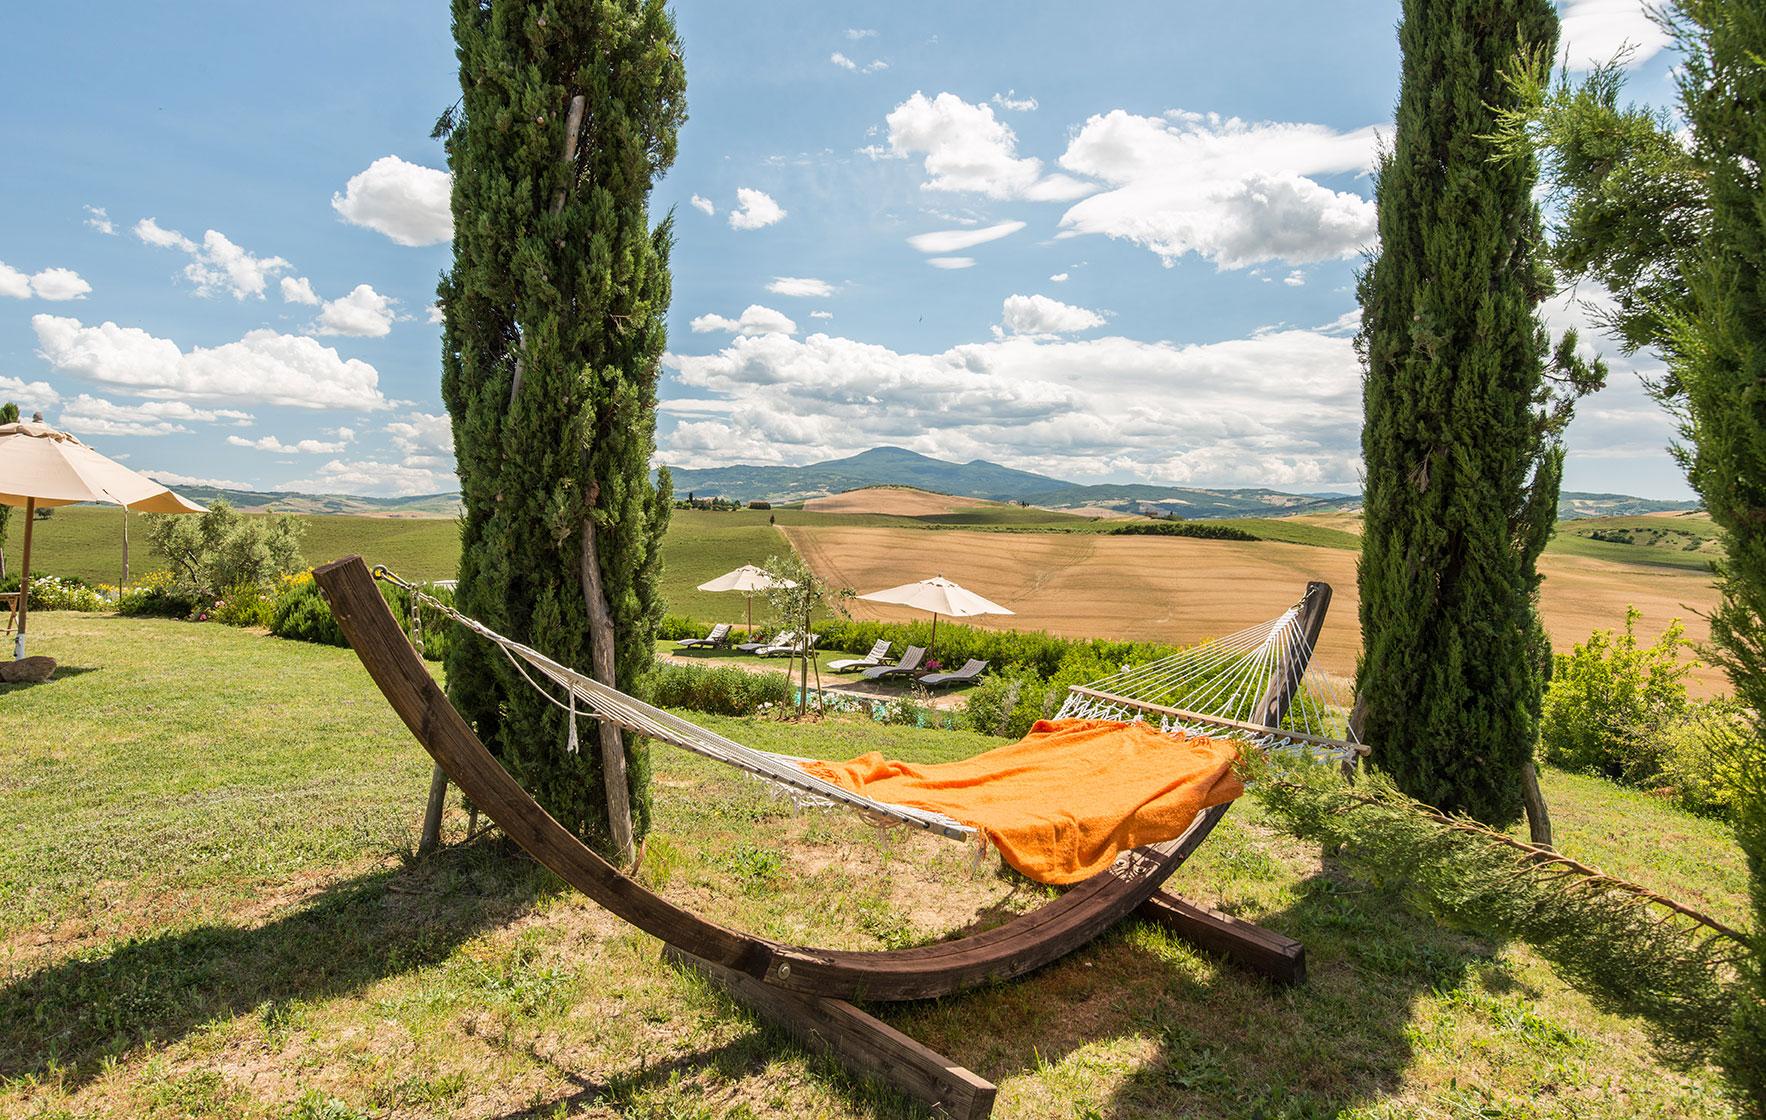 villa-romantica-yoga-retreat-Tuscany-Experience-retreats.jpg